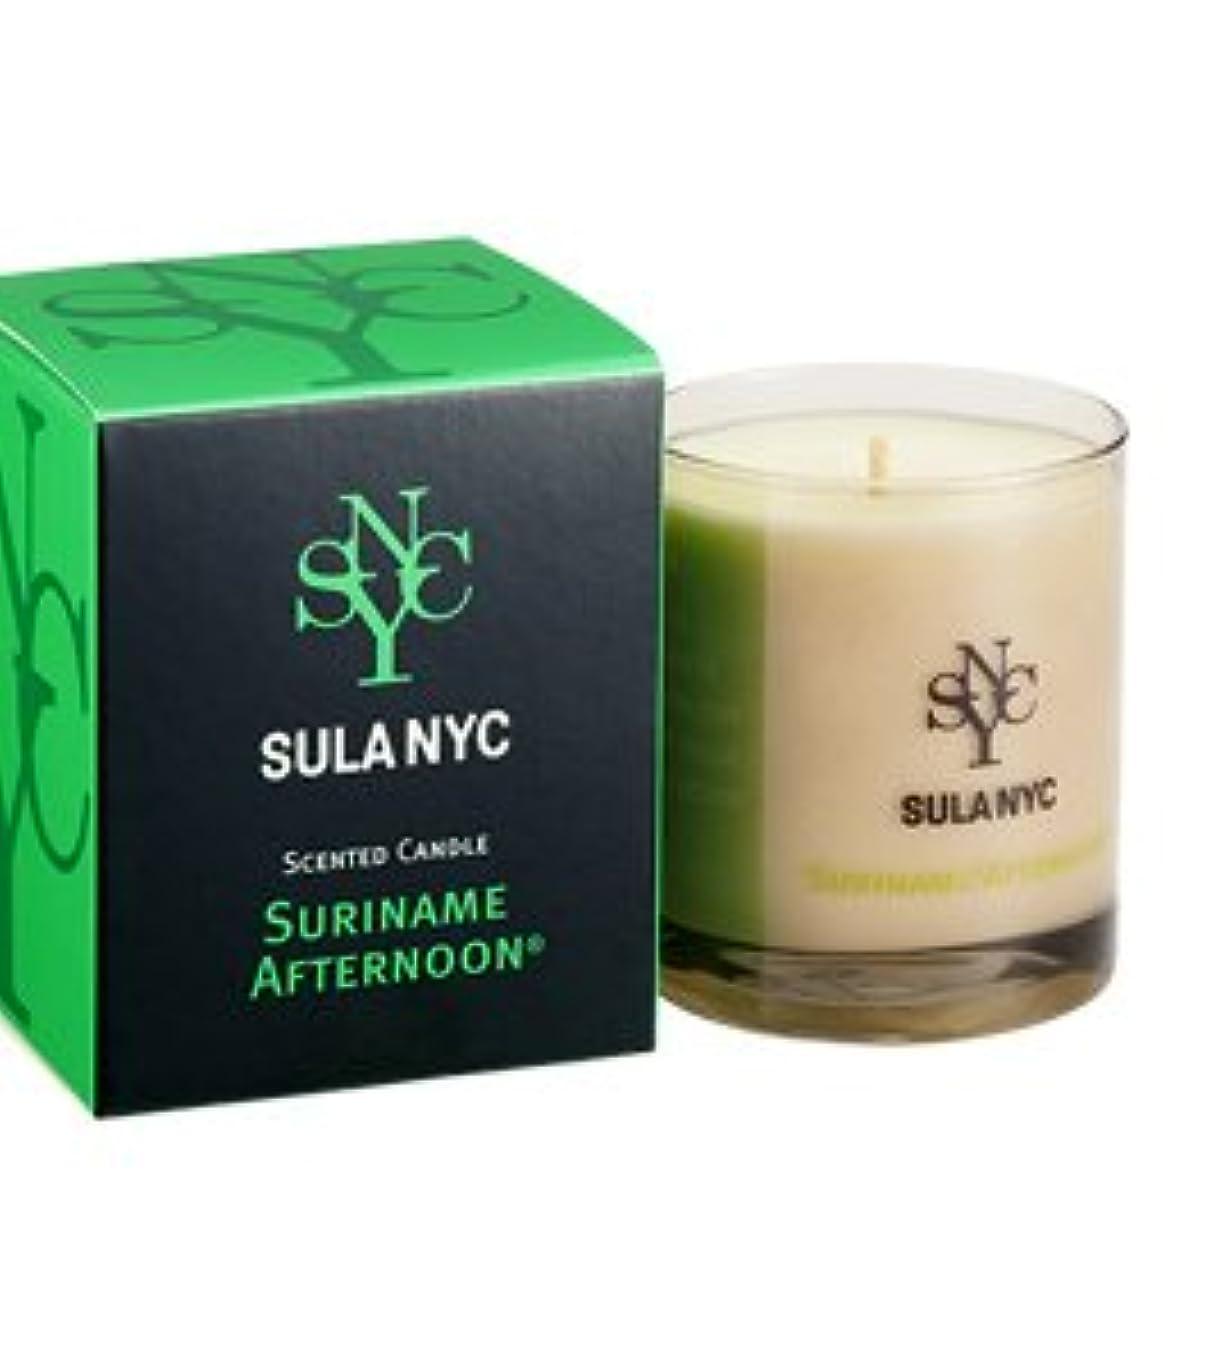 花に水をやるティーム合意SULA NYC CANDLE グラス キャンドル 190g SURINAME AFTERNOON スリナム?アフタヌーン 燃焼時間:約45時間 スーラNYC